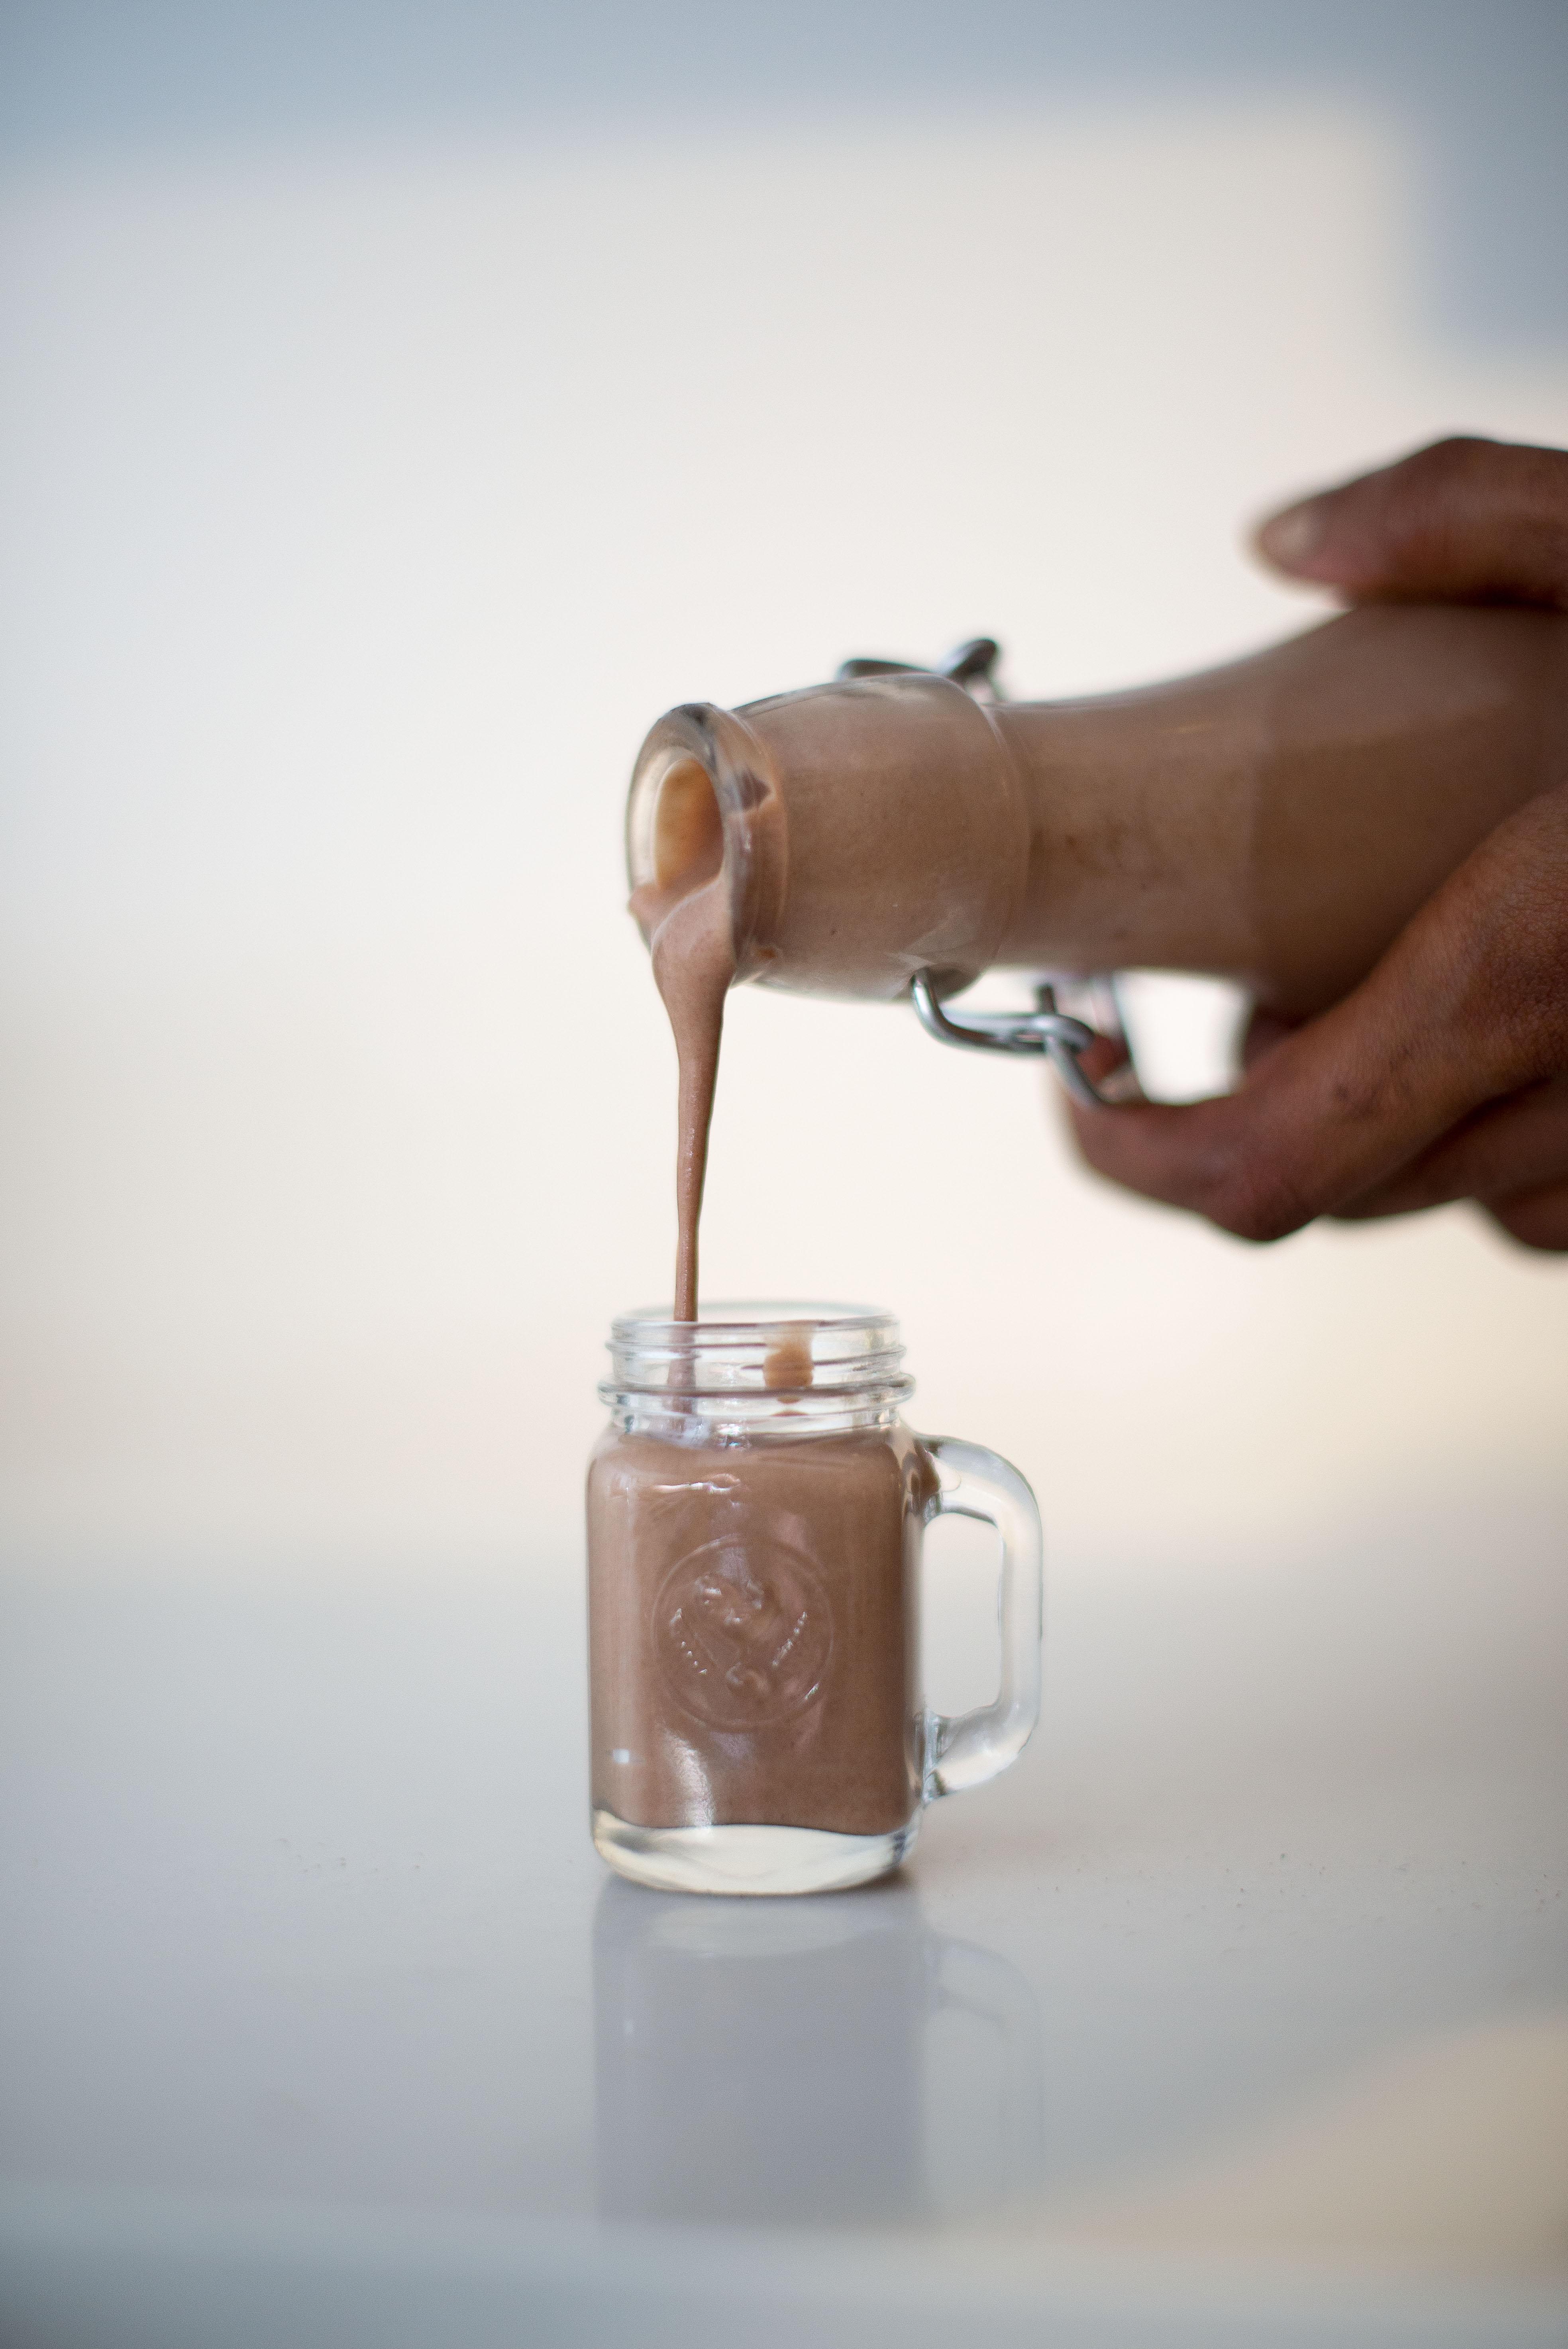 Chocolate_Coqutio_Recipe_Puerto_Rican_Egg_Nog_shot_glasses